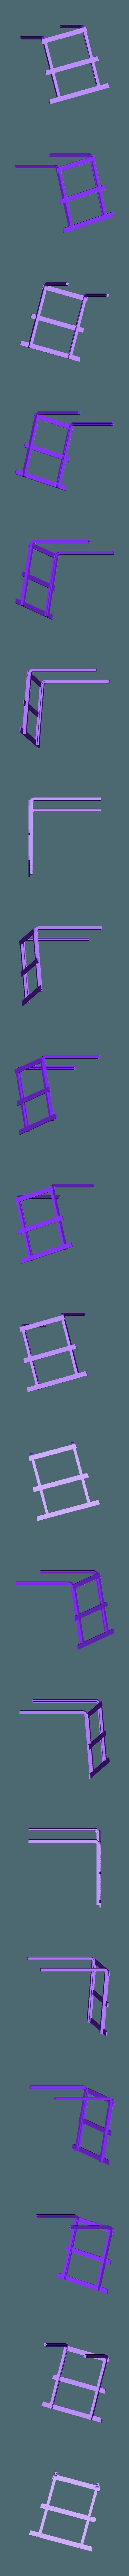 door_frame.stl Télécharger fichier STL gratuit Dépôt de train à l'échelle 1:87 HO avec table tournante • Plan pour imprimante 3D, nenchev